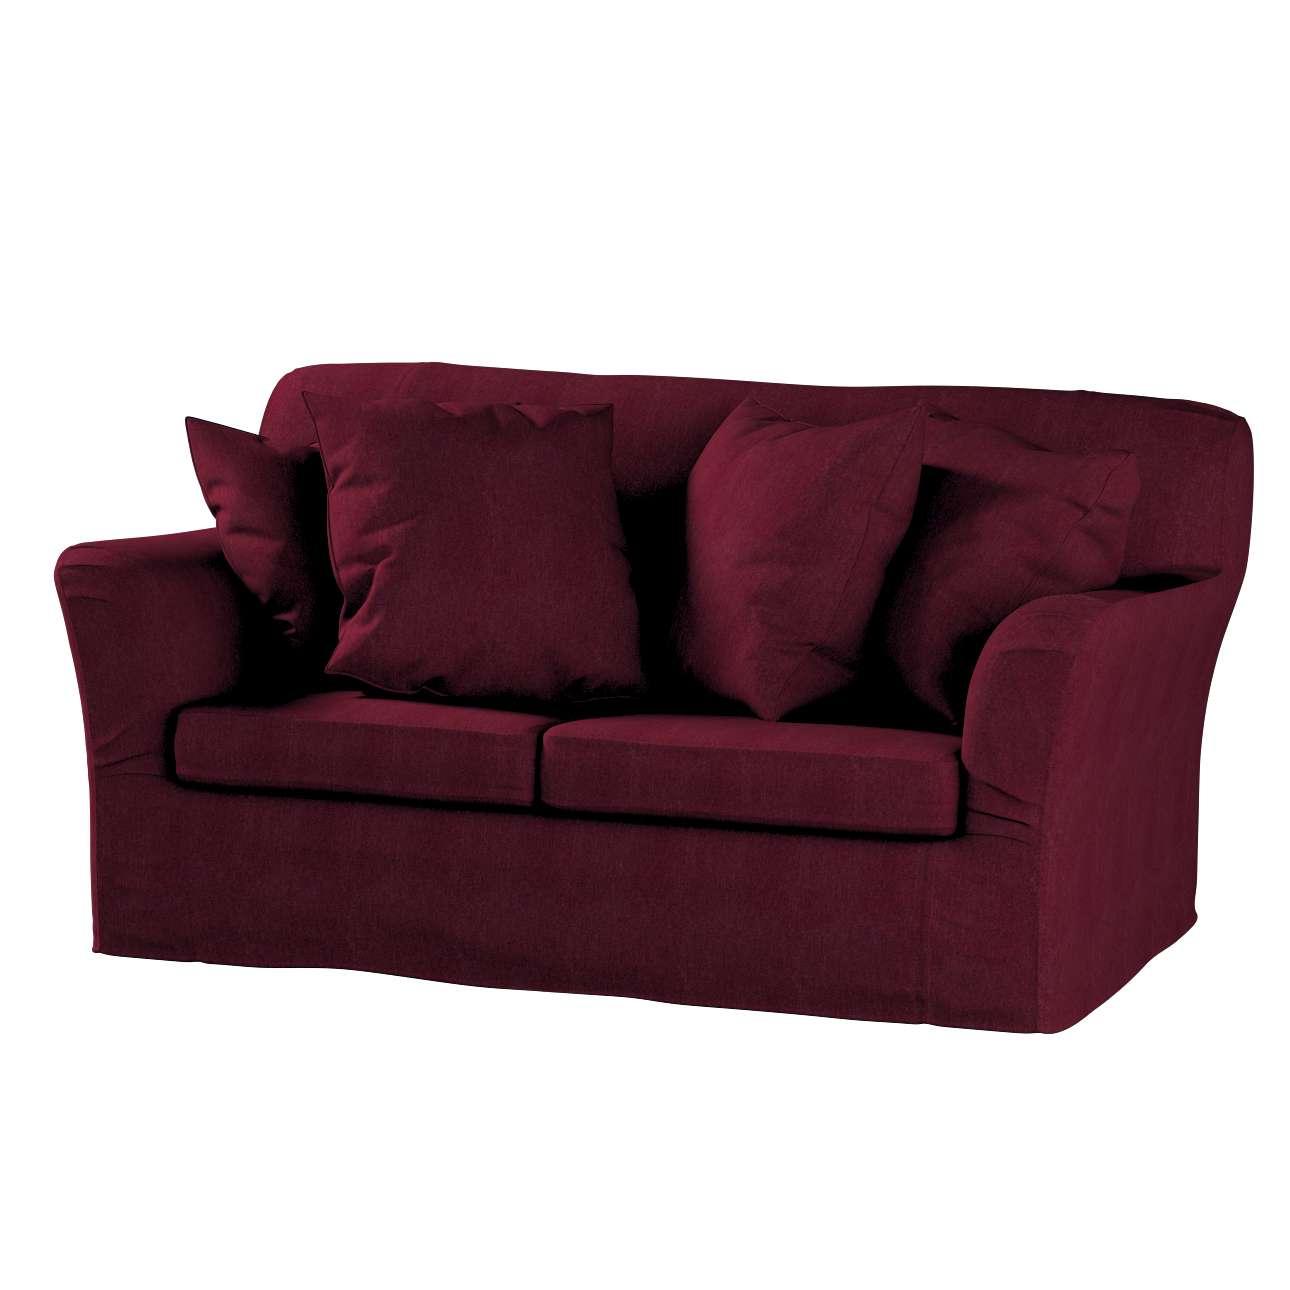 TOMELILLA  dvivietės sofos užvalkalas TOMELILLA dvivietė sofa kolekcijoje Chenille, audinys: 702-19